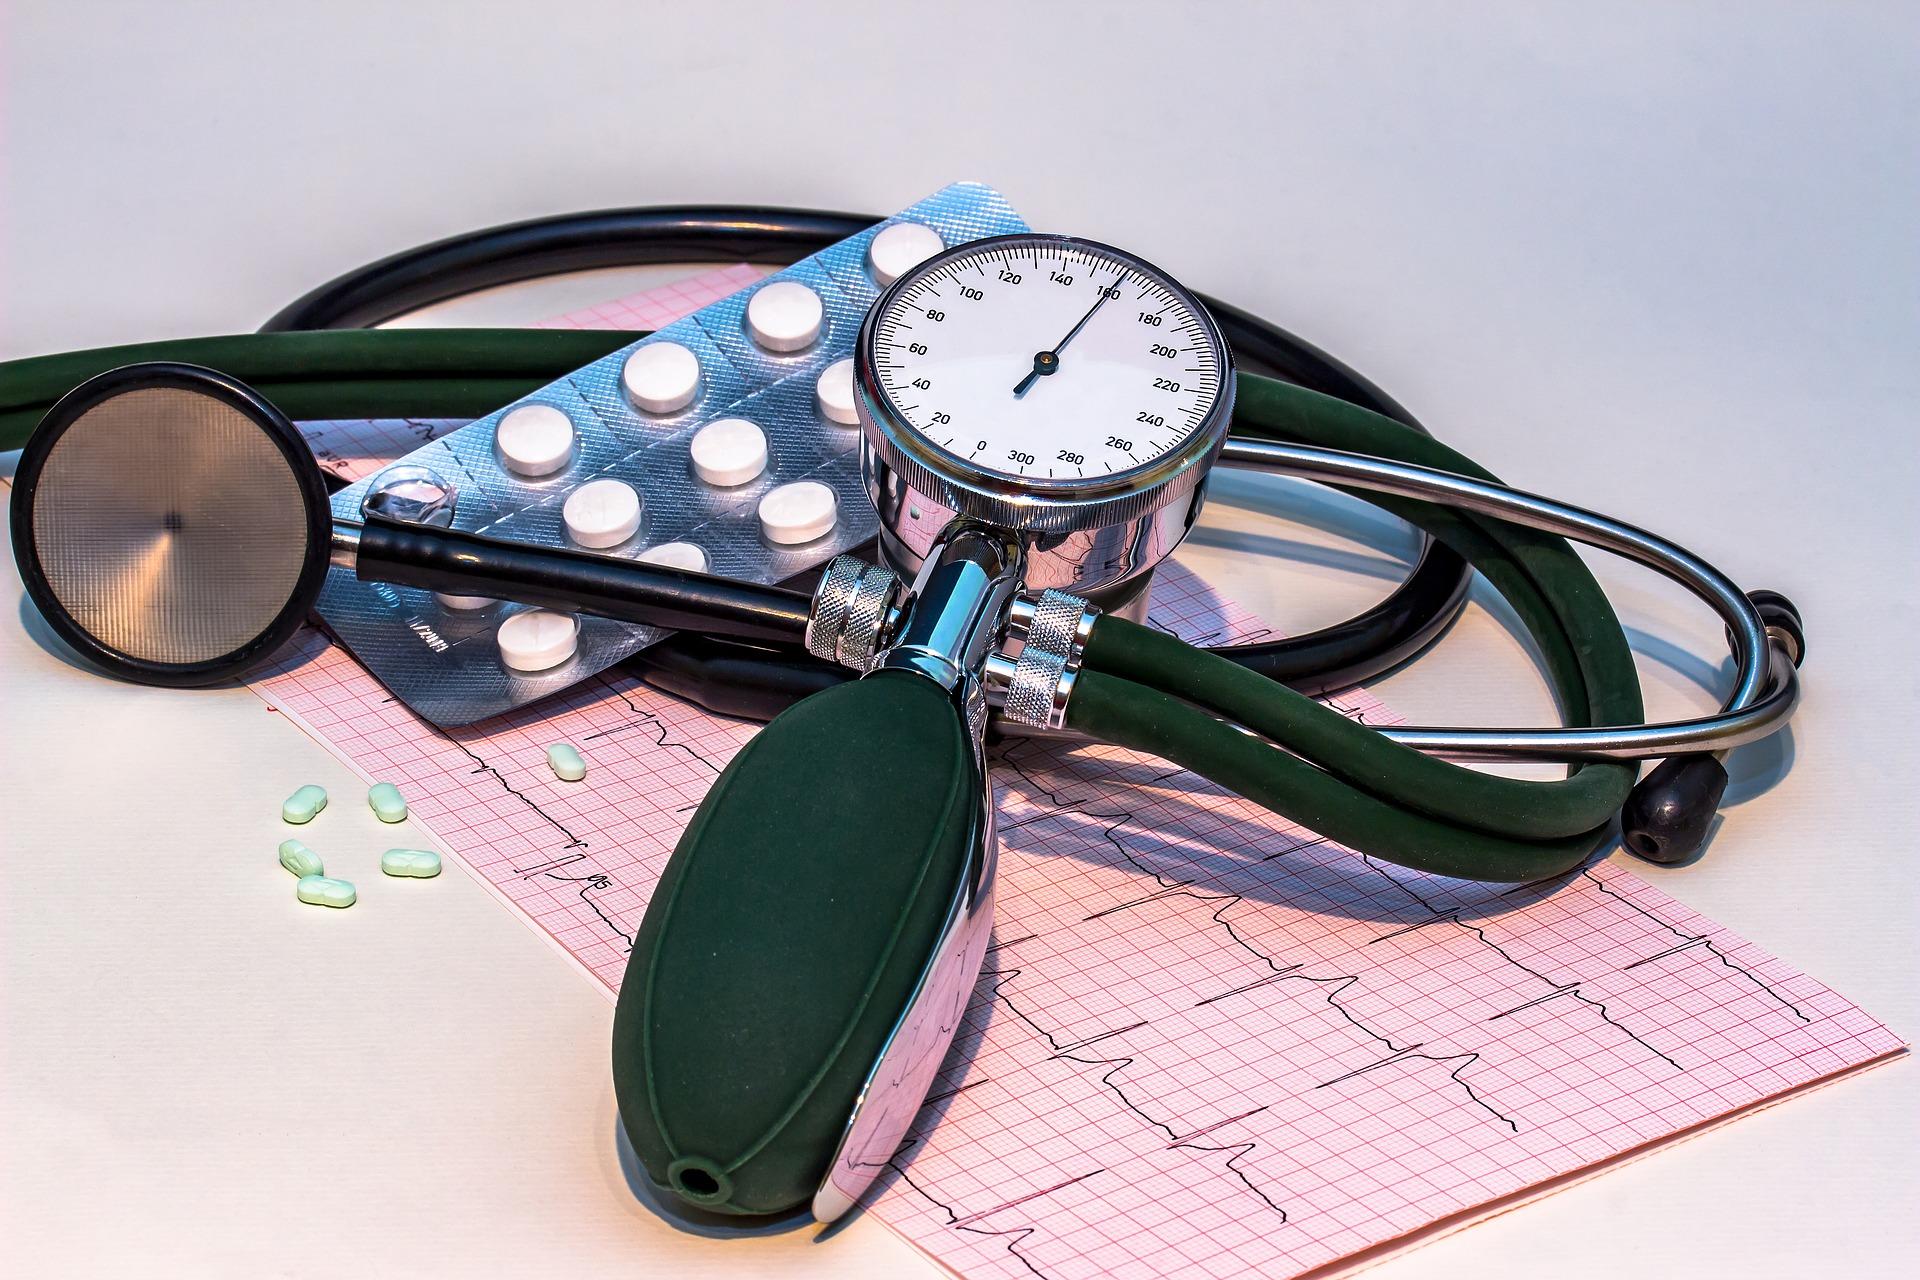 Bluthochdruck - Blutdruck senken ohne Medikamente